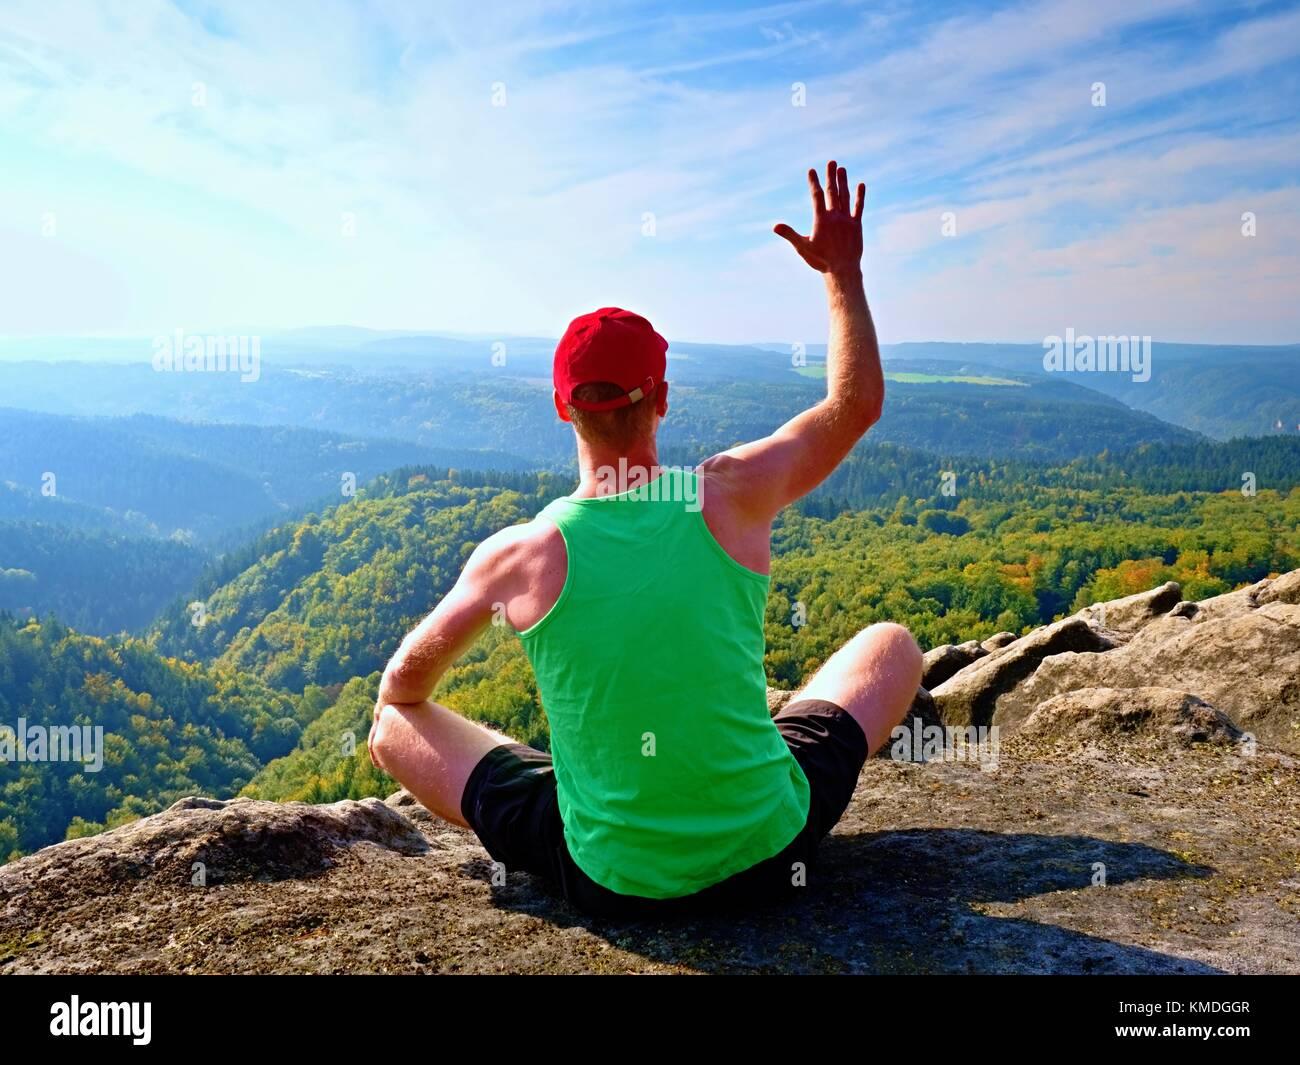 Corps mince randonneur en short noir et maillot vert s'asseoir sur un rocher, profiter de paysages naturels. Photo Stock